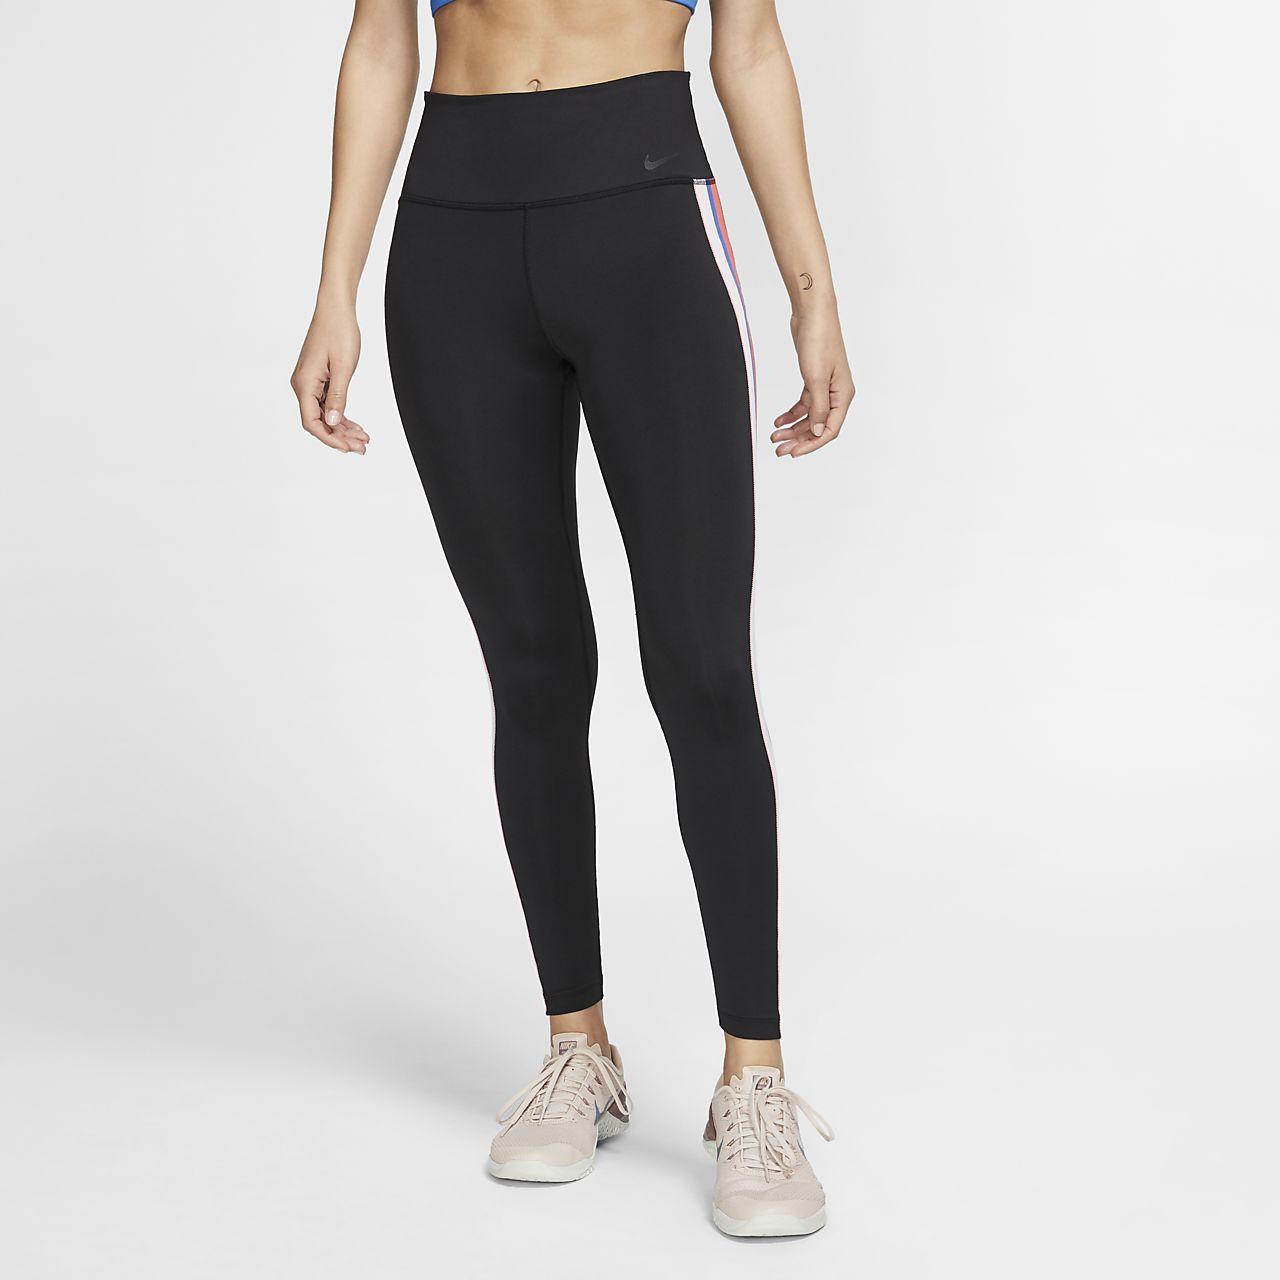 Nike 7/8 女子训练紧身裤